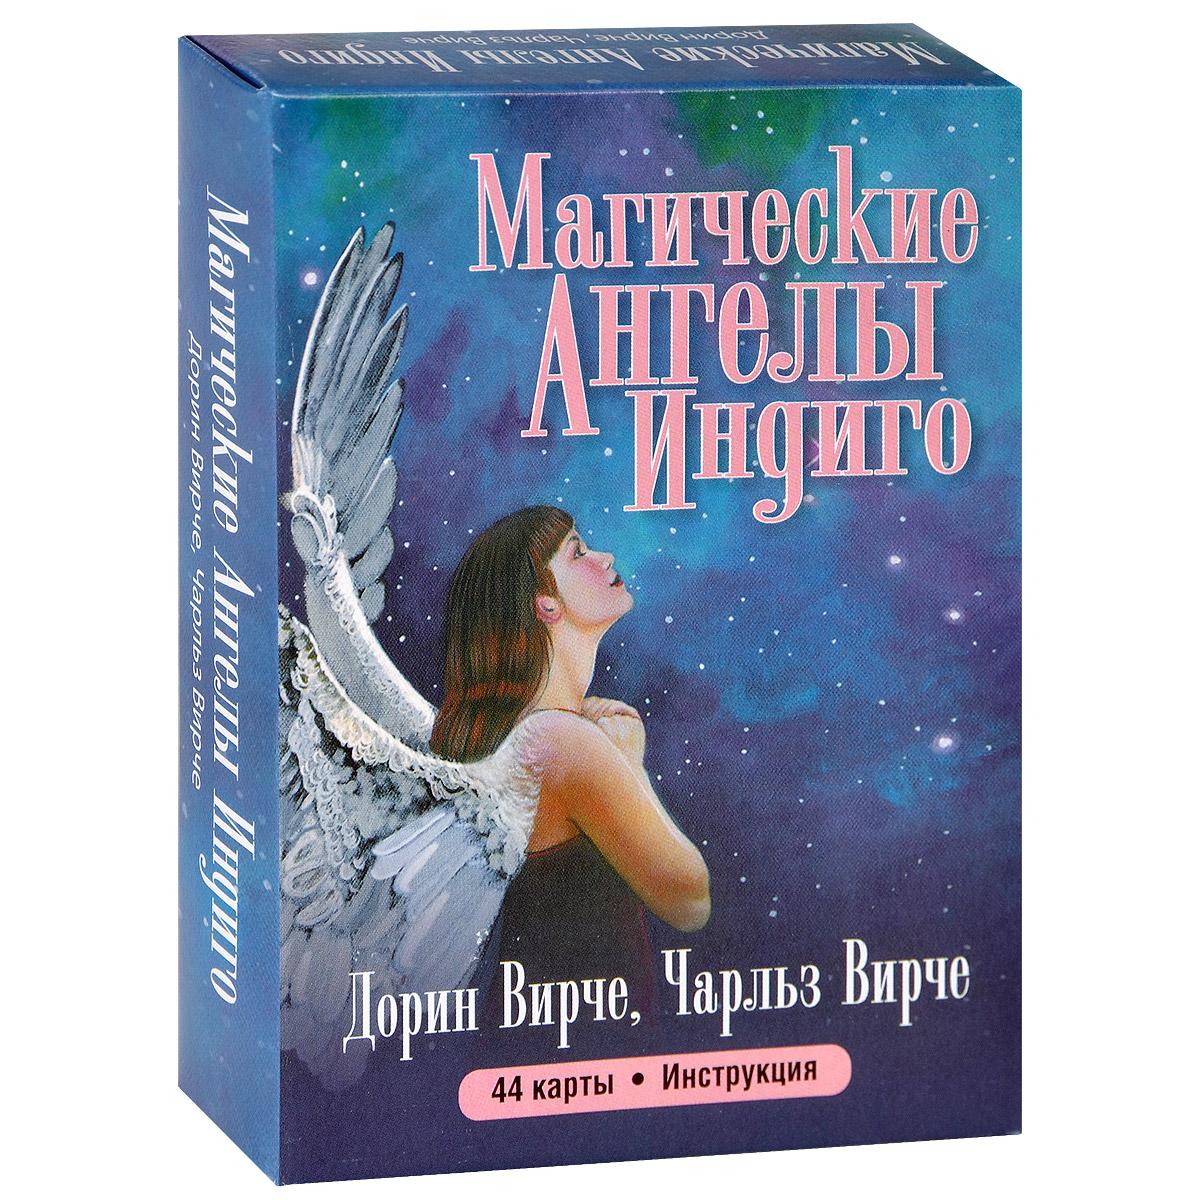 Магические ангелы индиго (+ набор из 44 карт) ( 978-985-15-2156-8 978-985-15-2156-8 )